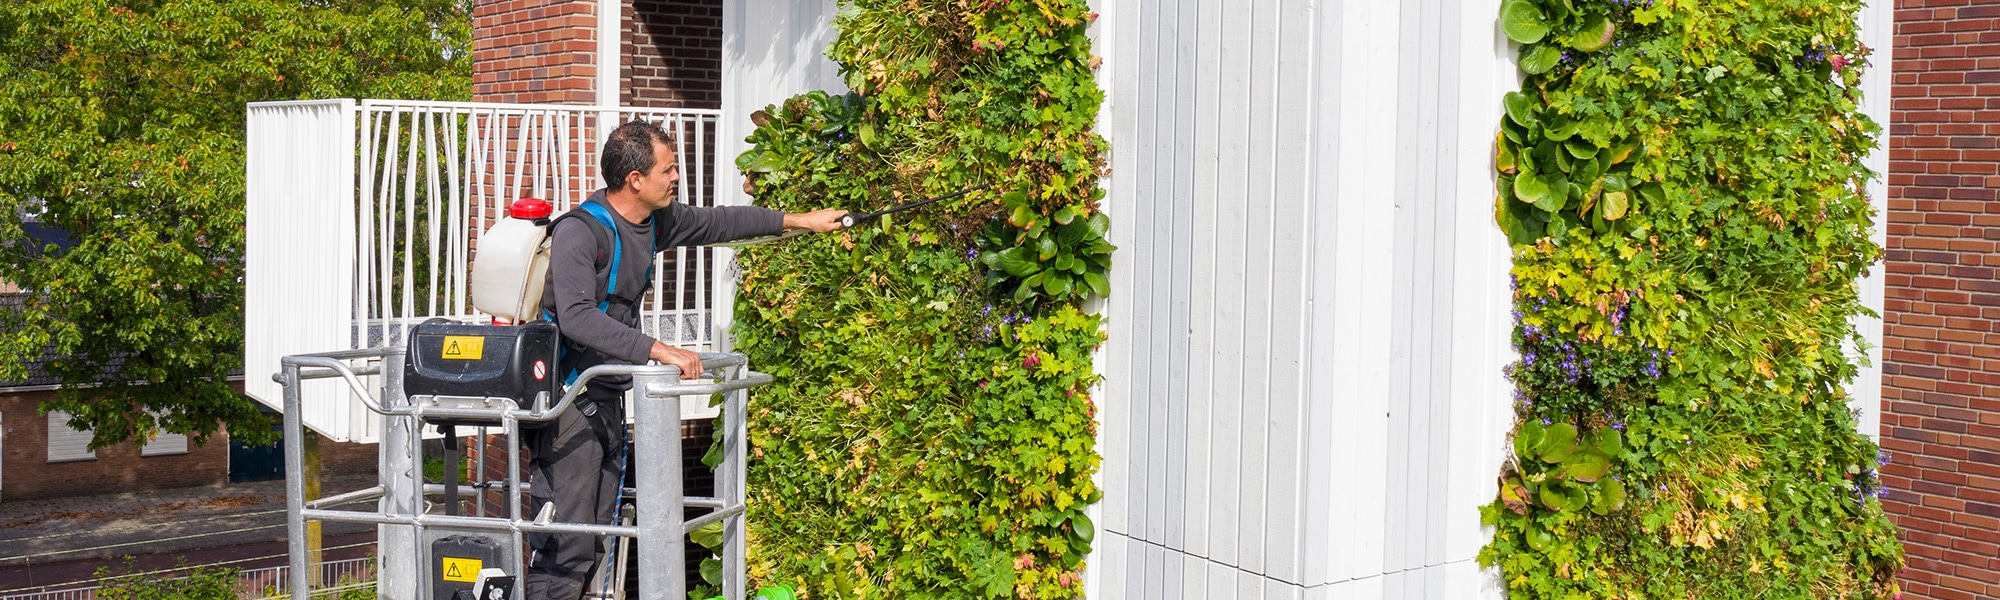 Mobilane LivePanel Outdoor groene gevel: Hoe onderhoud ik een groene gevel